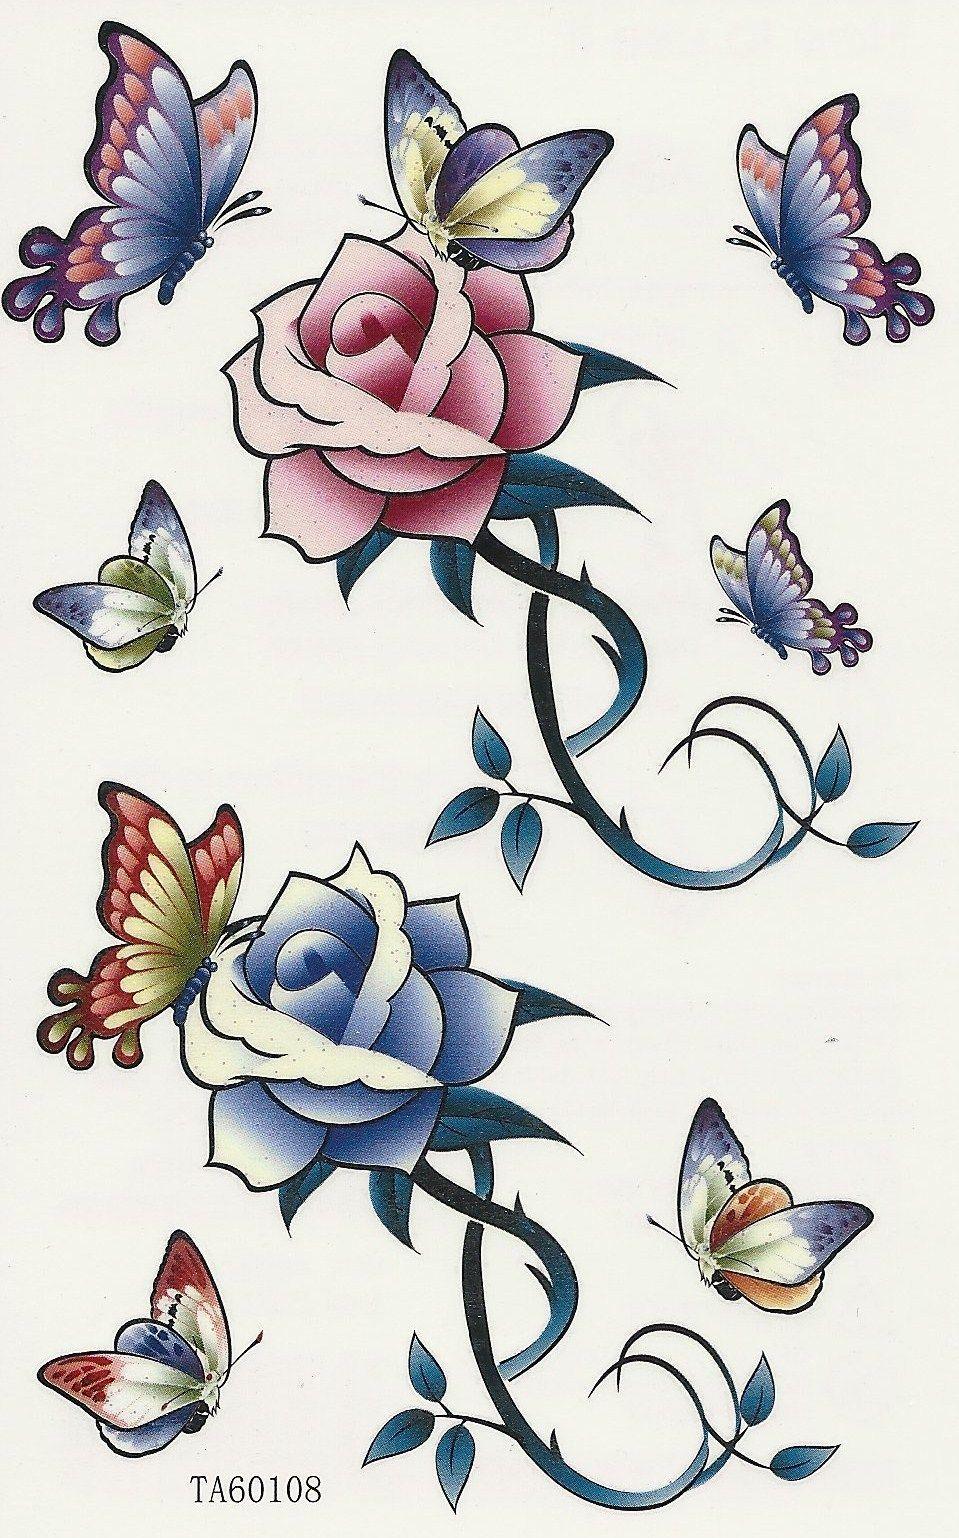 Dessins En Couleurs à Imprimer Papillon Numéro 119764